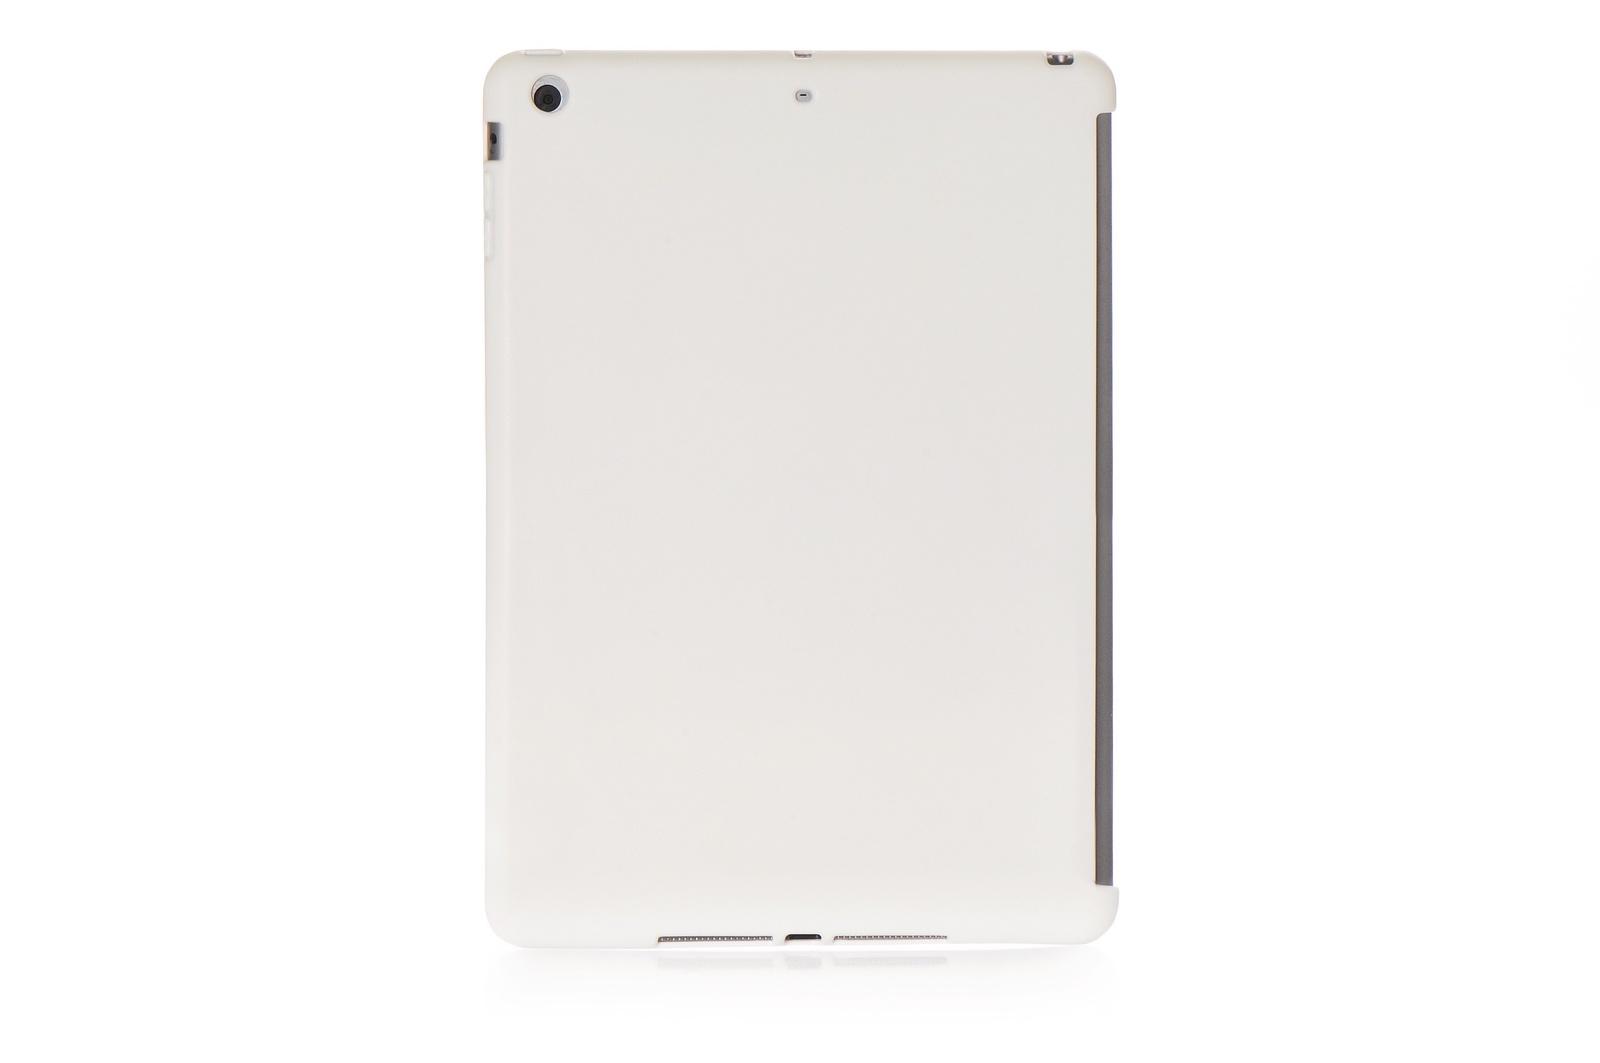 Чехол для планшета Gurdini силиконовый OEM для Apple iPad Air, белый все цены